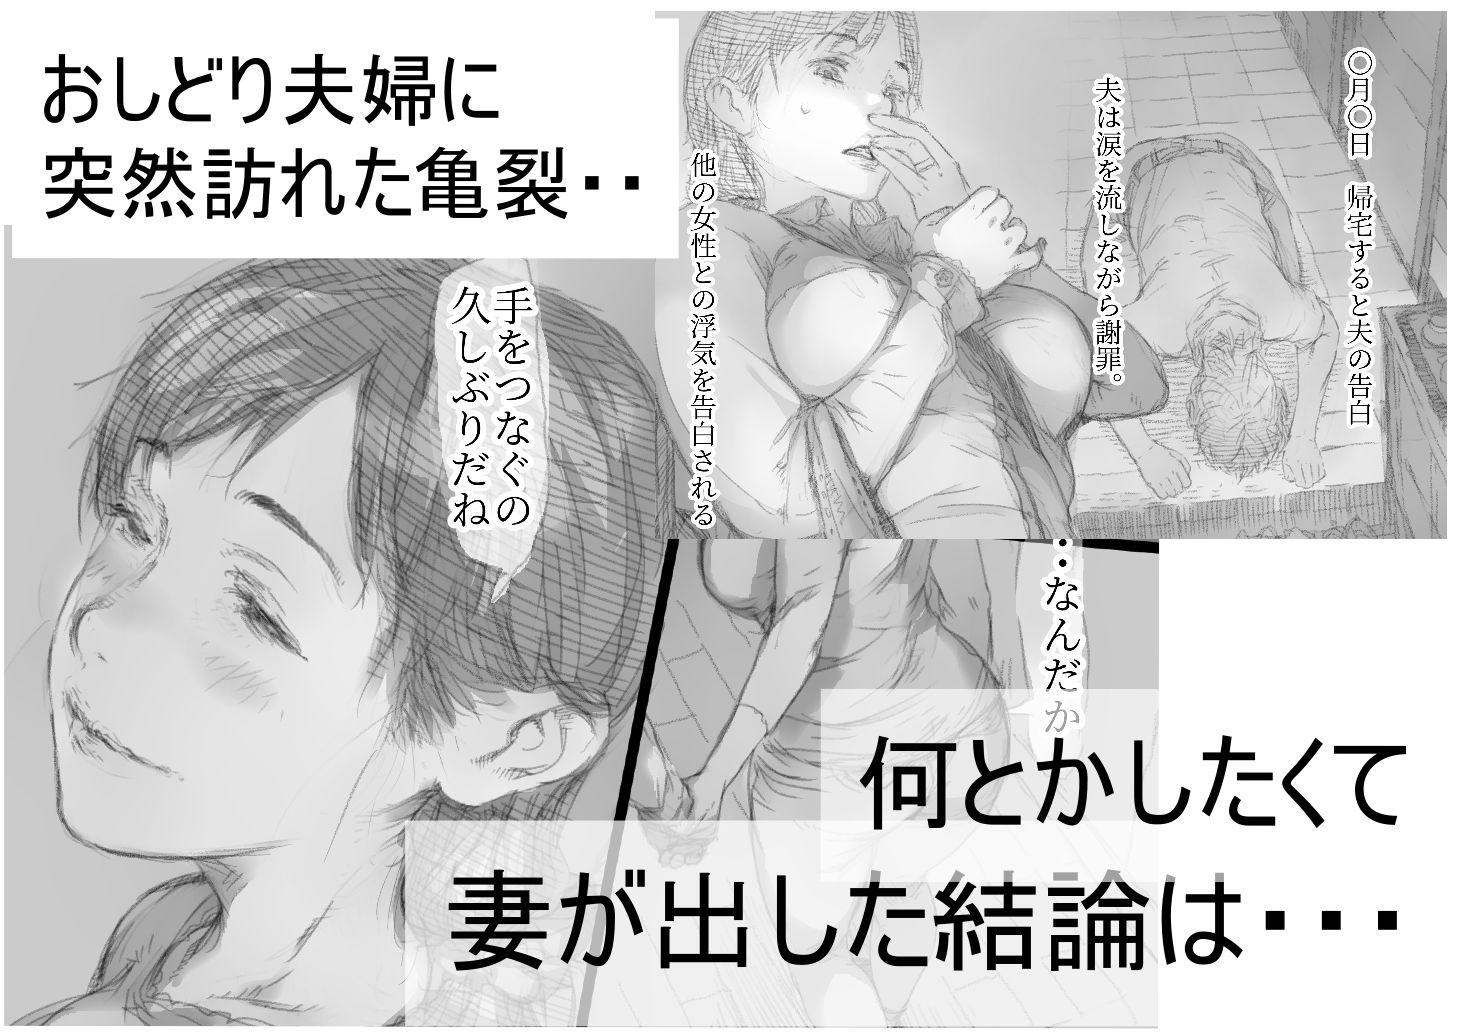 『ベタ惚れ妻』 同人誌のサンプル画像です